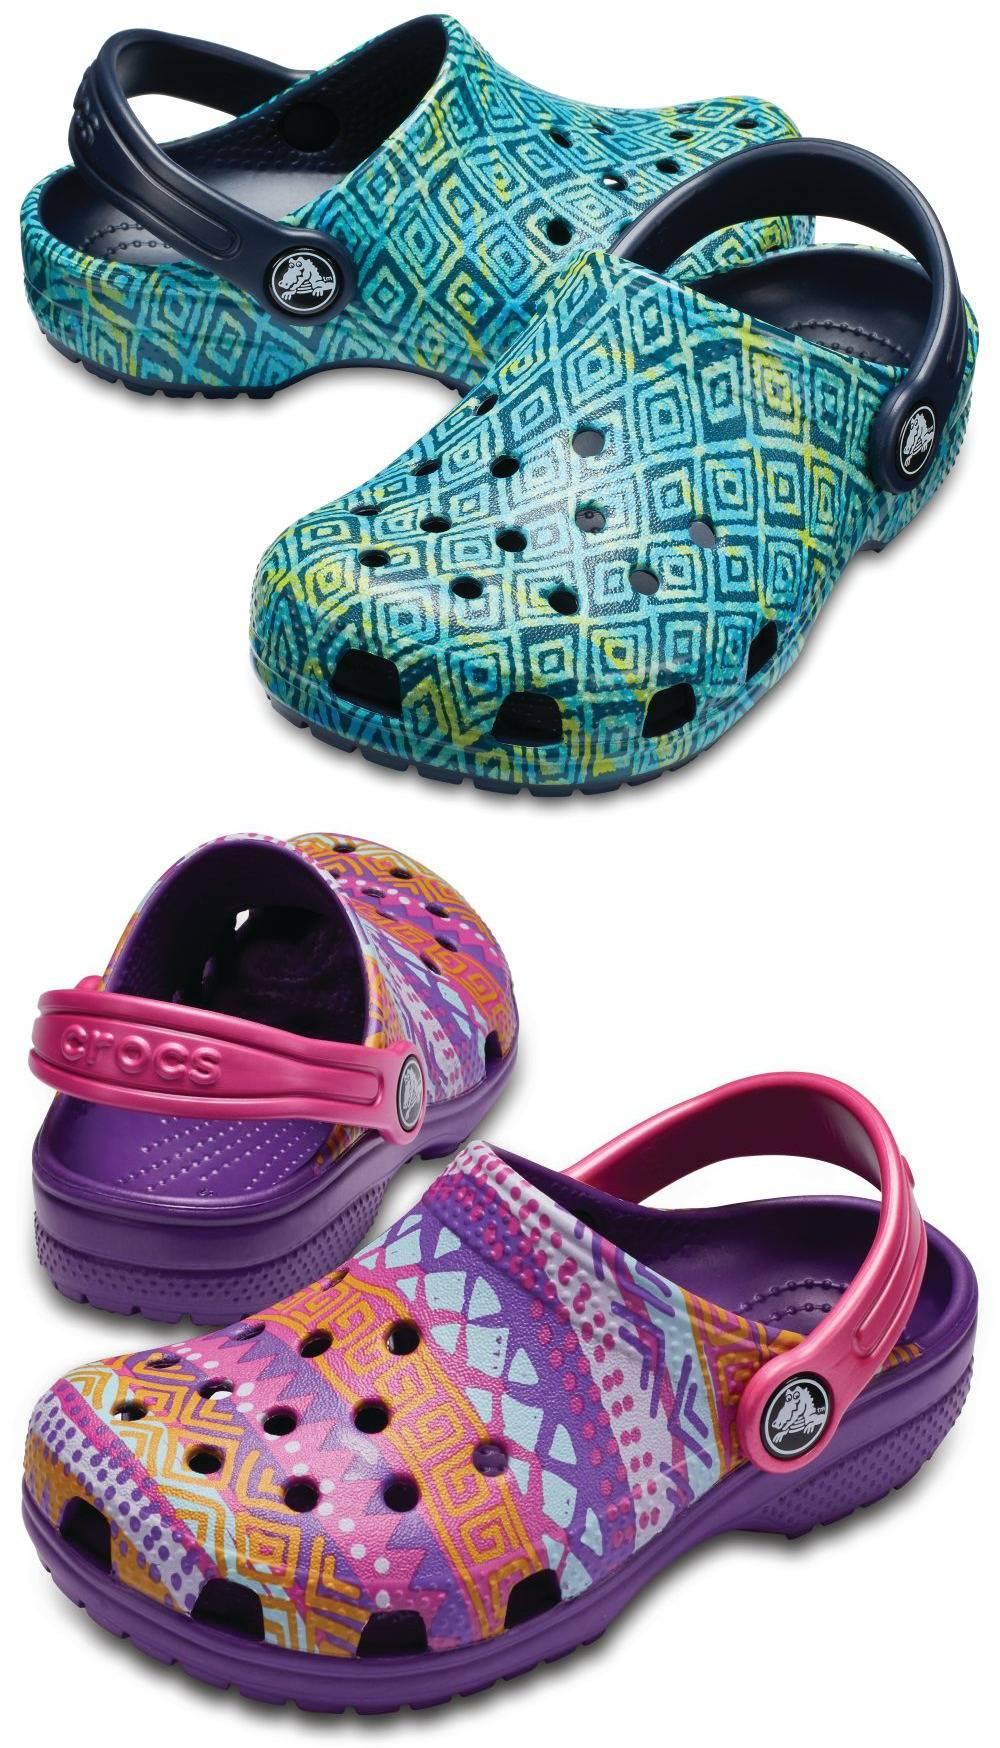 CROCS Classic Graphic Clog K Clogs Hausschuhe Gartenschuhe Freizeitschuhe Schuhe